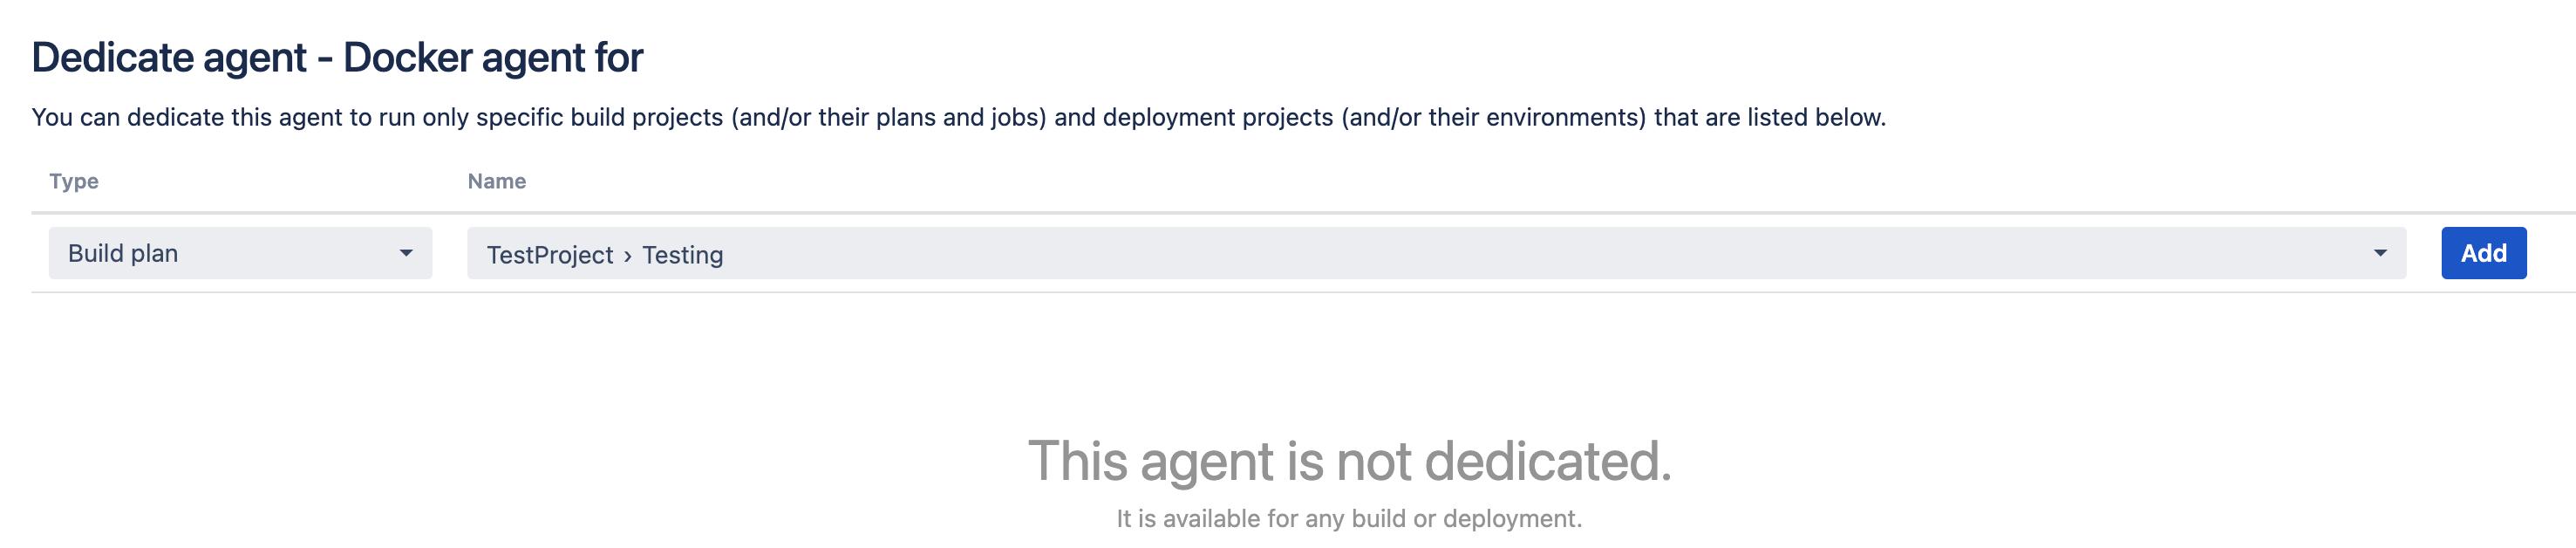 Dedicate agent screen